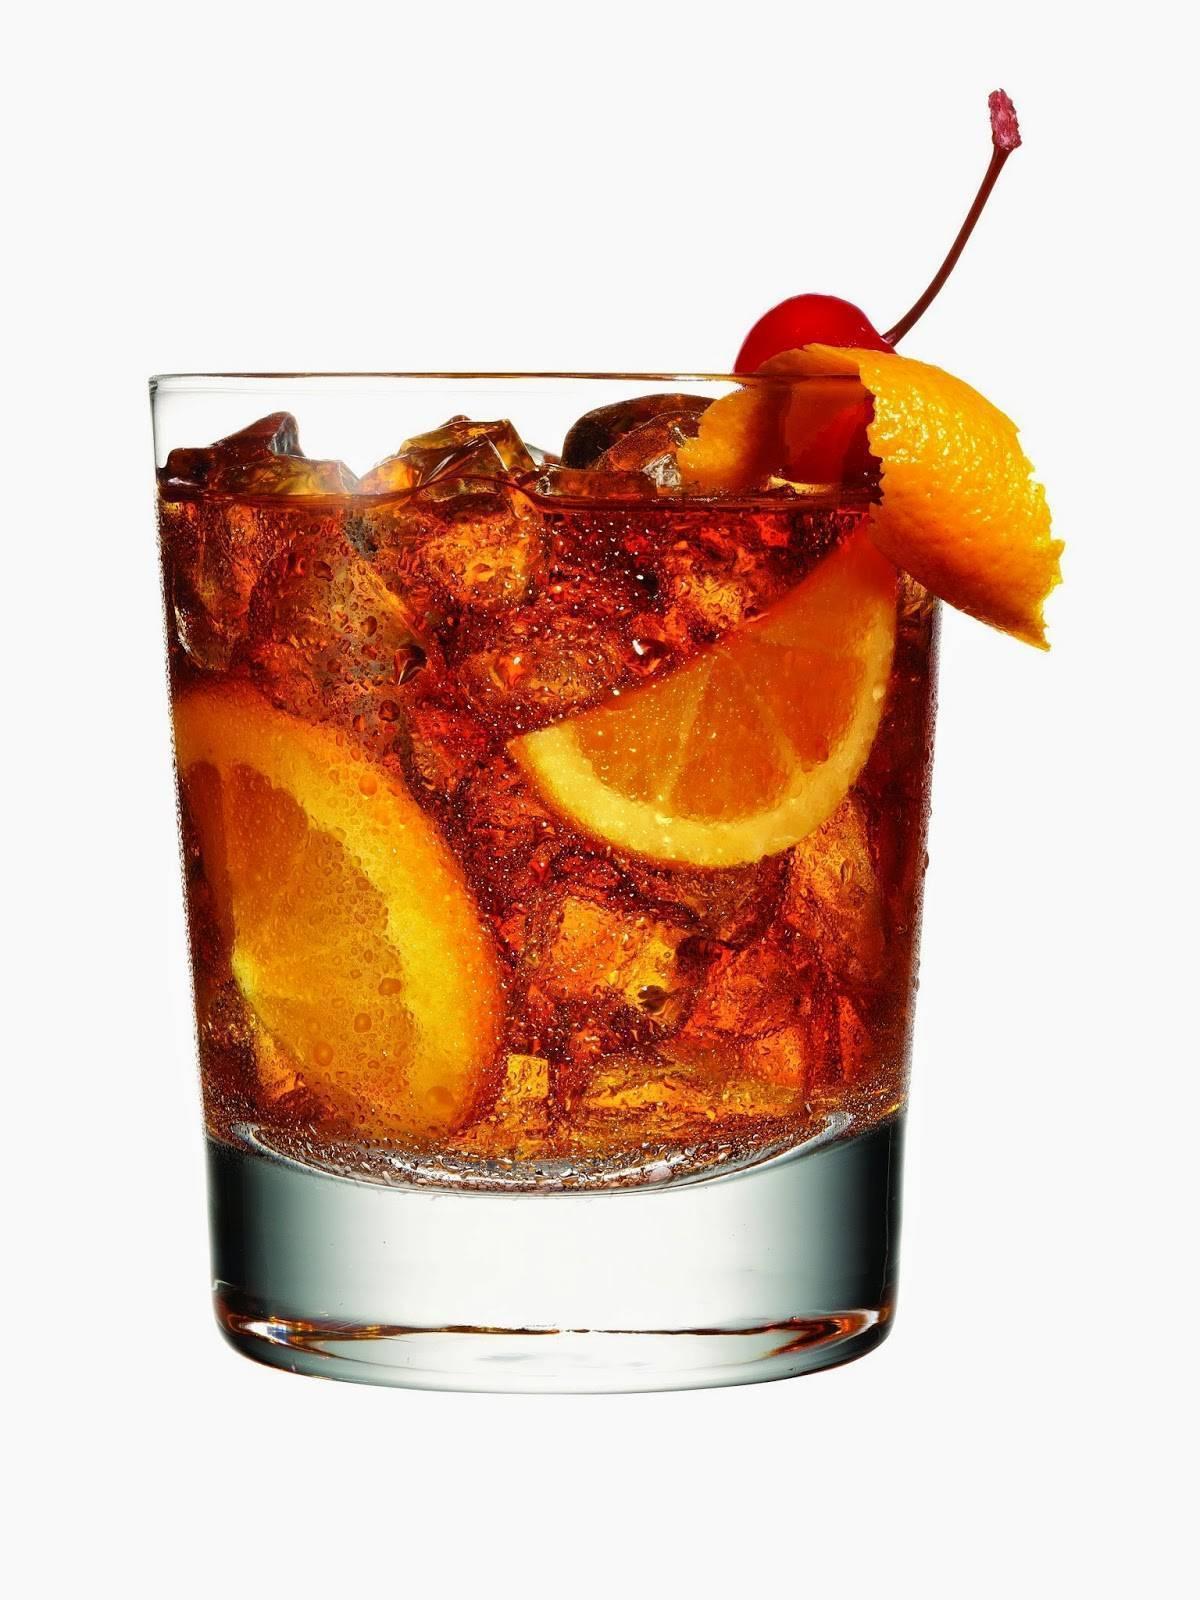 Коктейль old-fashioned (старомодный): рецепт приготовления в домашних условиях, состав напитка и необходимые пропорции